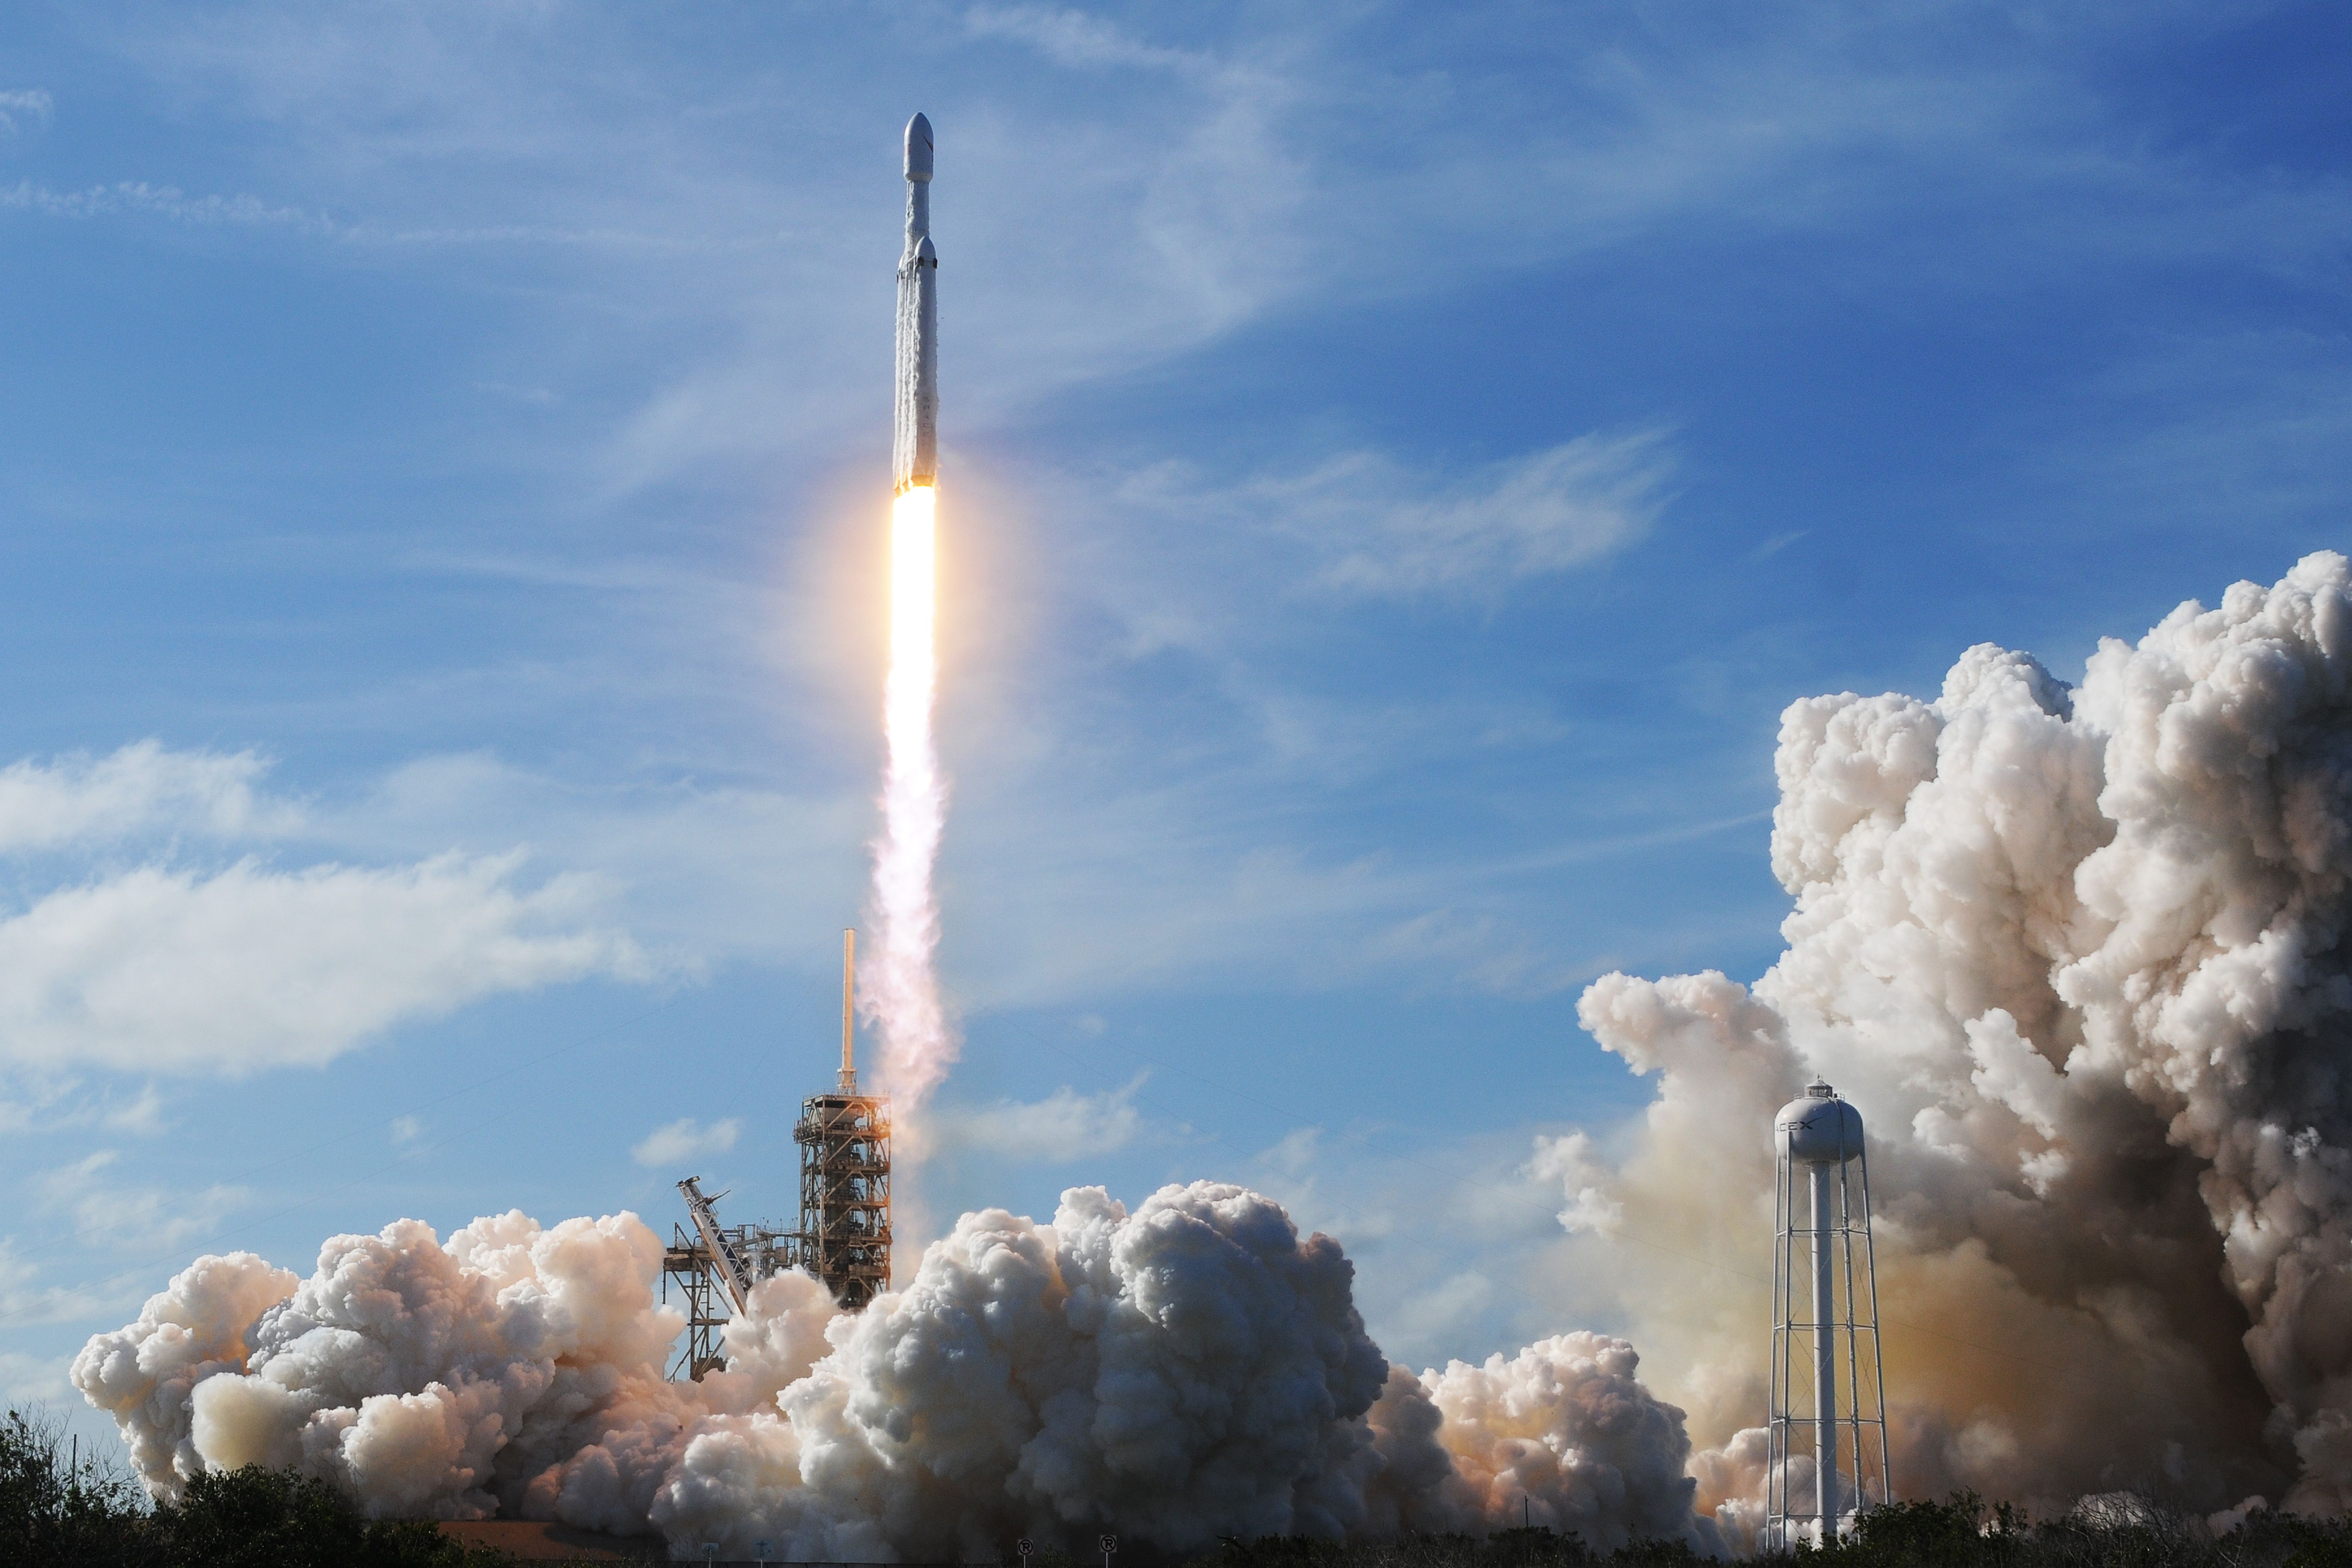 美國智囊哈德遜研究所的專家凱利(Sean Kelly)撰文警告說,中共試圖藉由投資滲透美國太空產業。圖為2018年2月6日,美國SpaceX公司在佛羅里達州發射火箭上太空。(JIM WATSON/AFP/Getty Images)